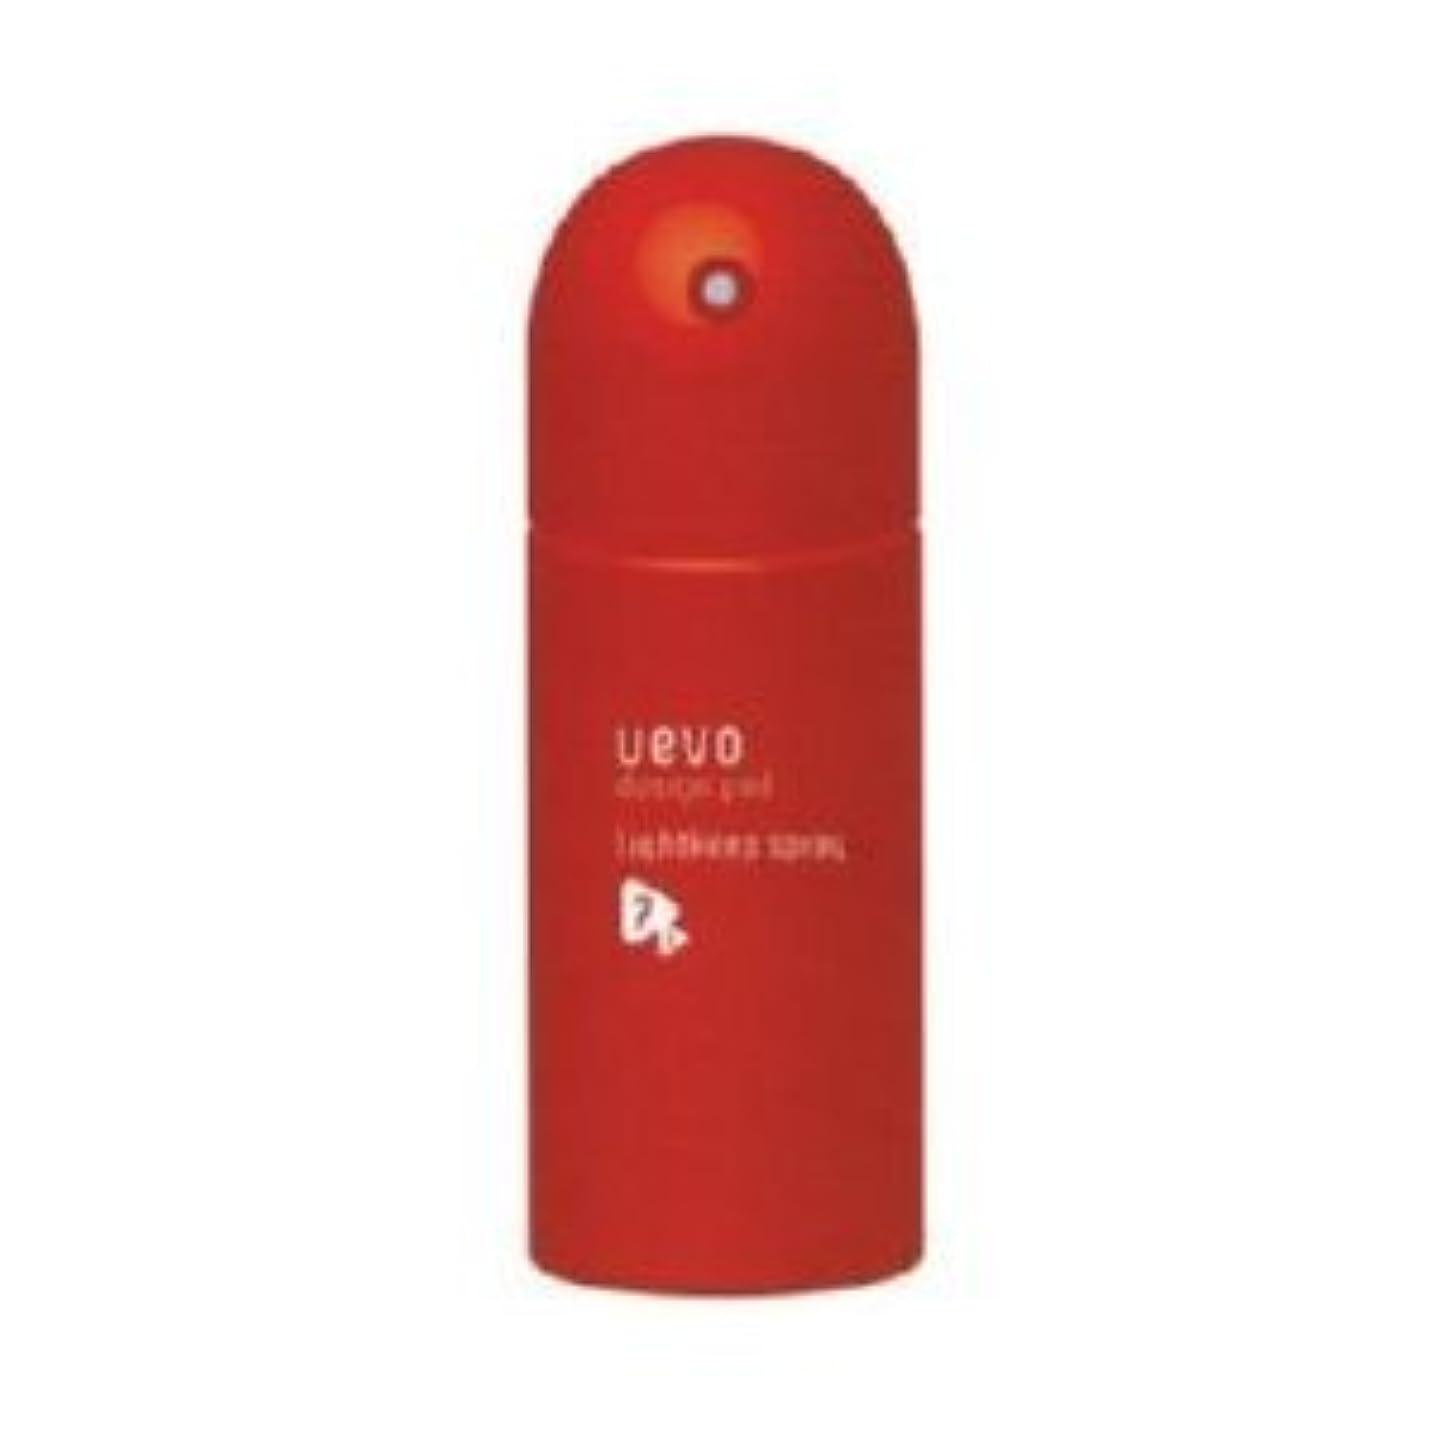 電気技師適応住む【X2個セット】 デミ ウェーボ デザインポッド ライトキープスプレー 220ml lightkeep spray DEMI uevo design pod